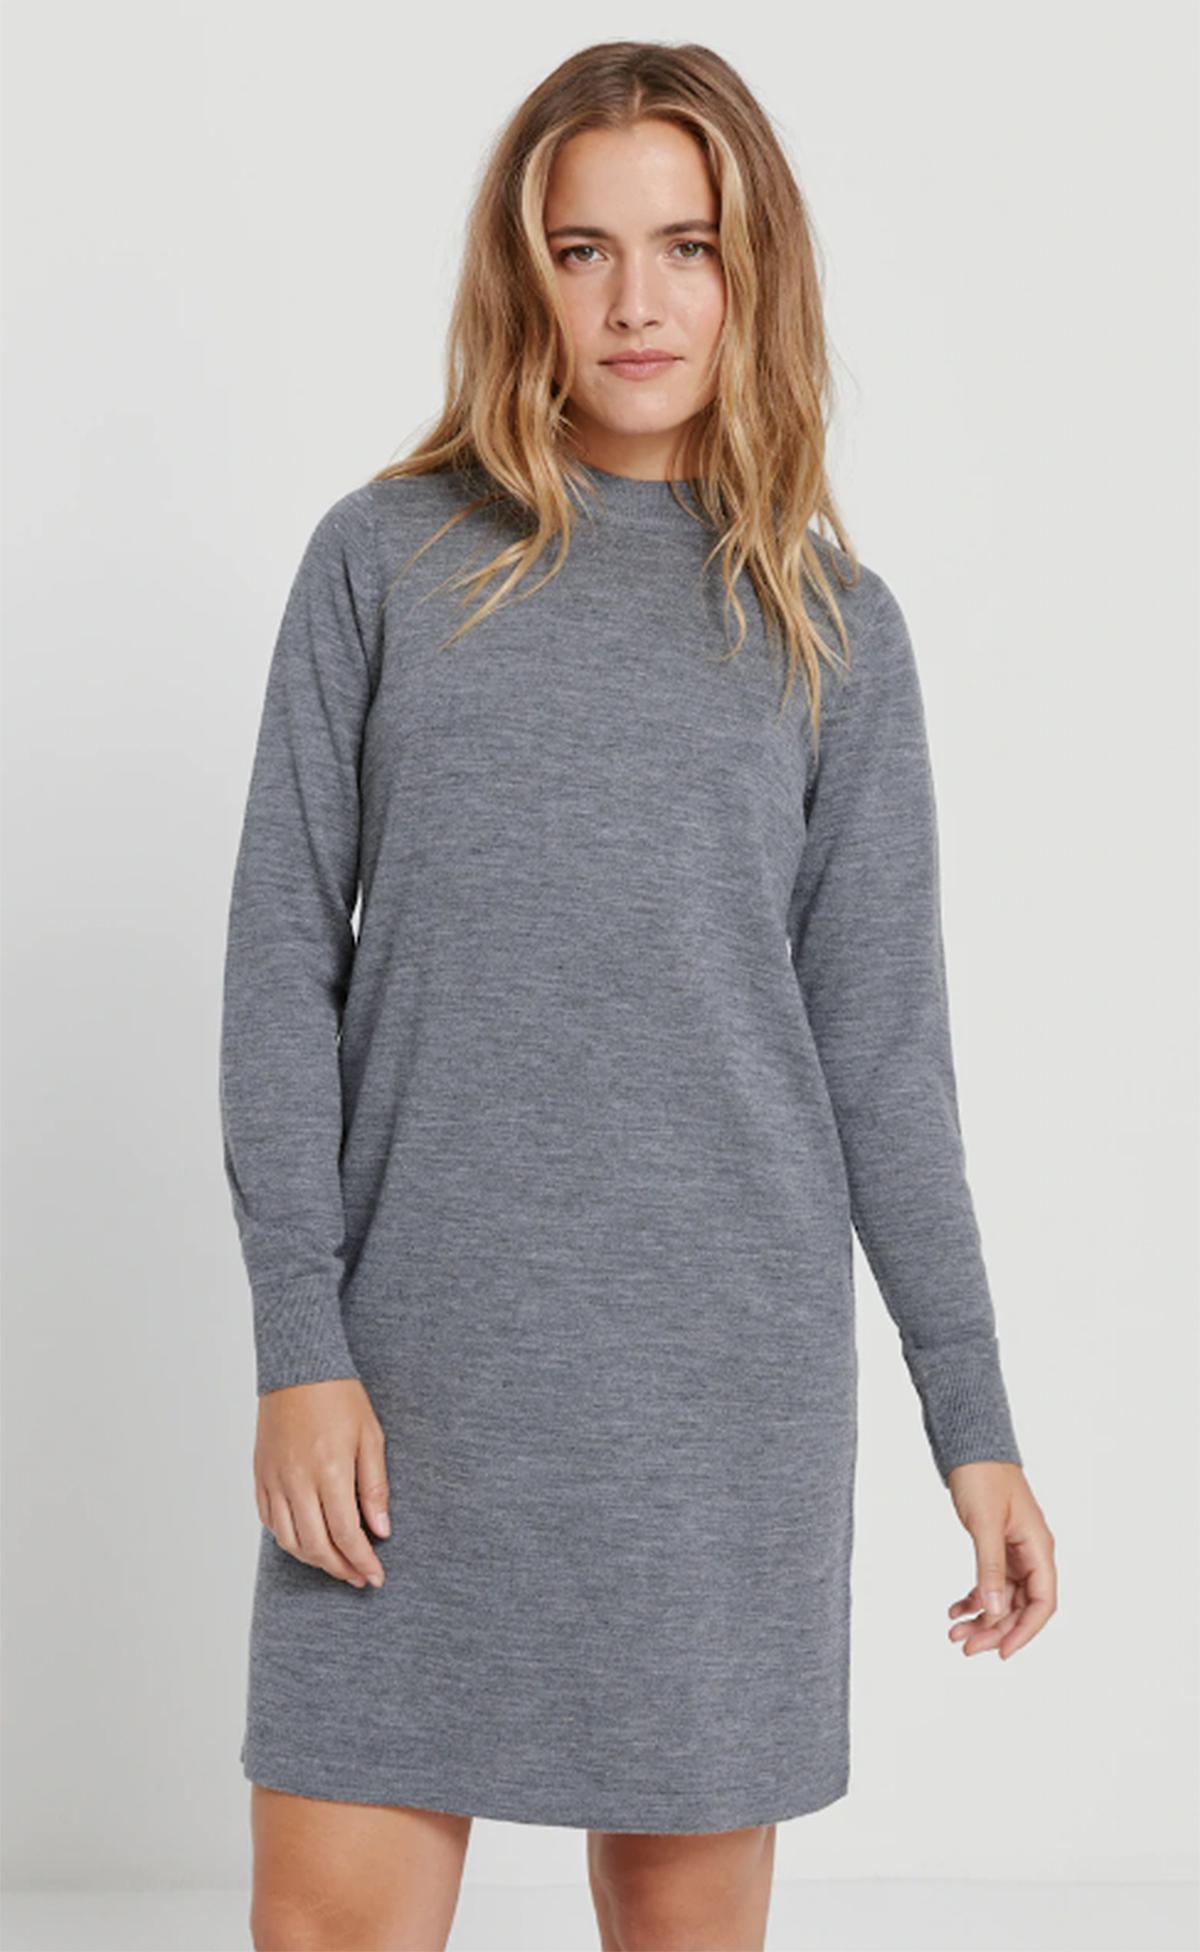 frank-oak-sweaterdress